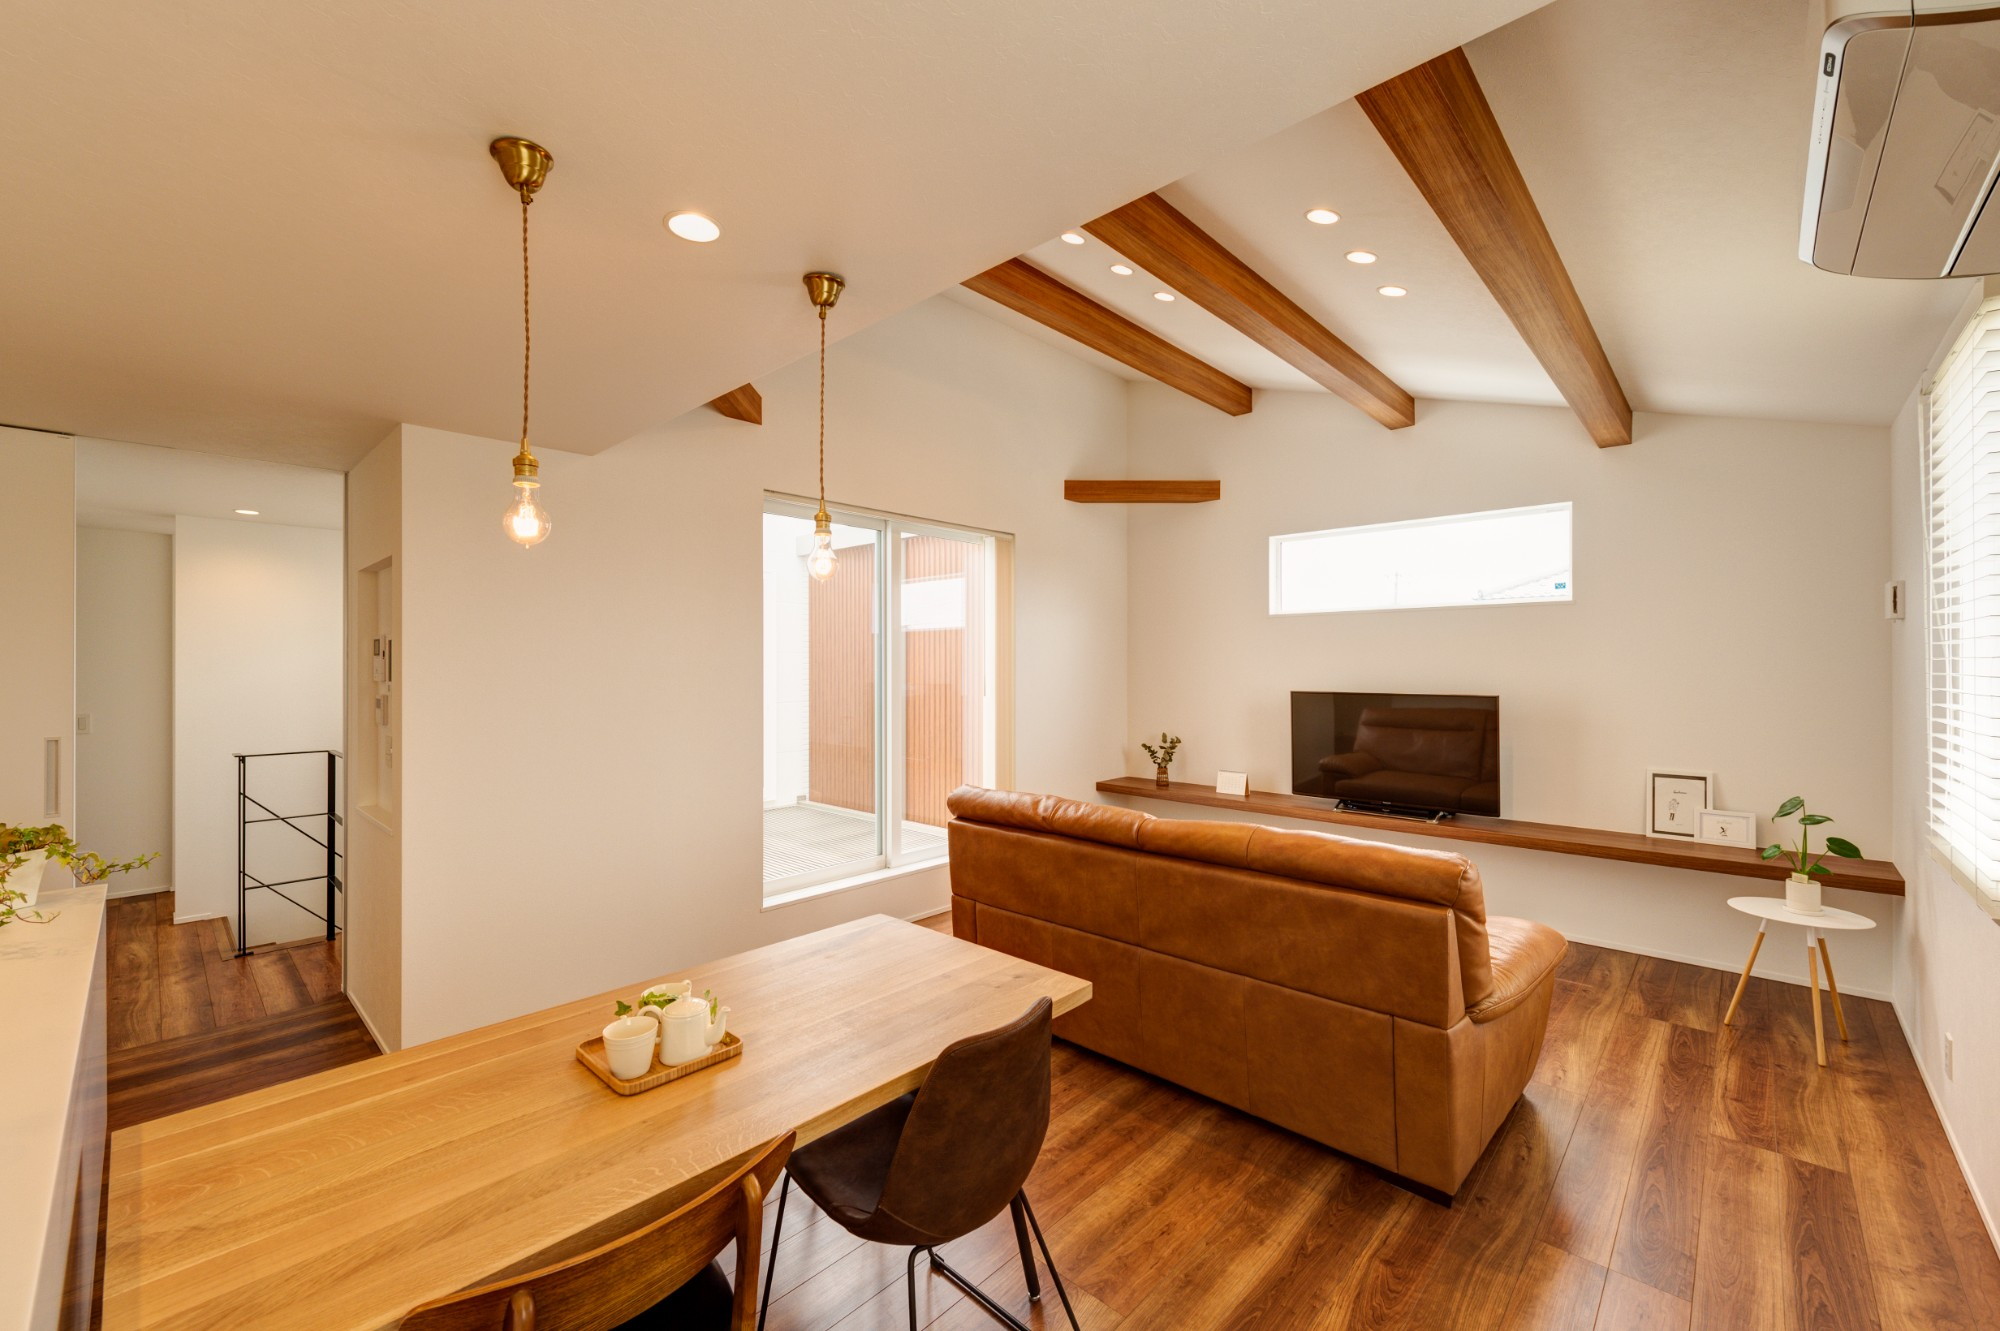 フクダハウジング株式会社「「白×木×緑」で彩ったシンプルな家」のシンプル・ナチュラルなリビング・ダイニングの実例写真